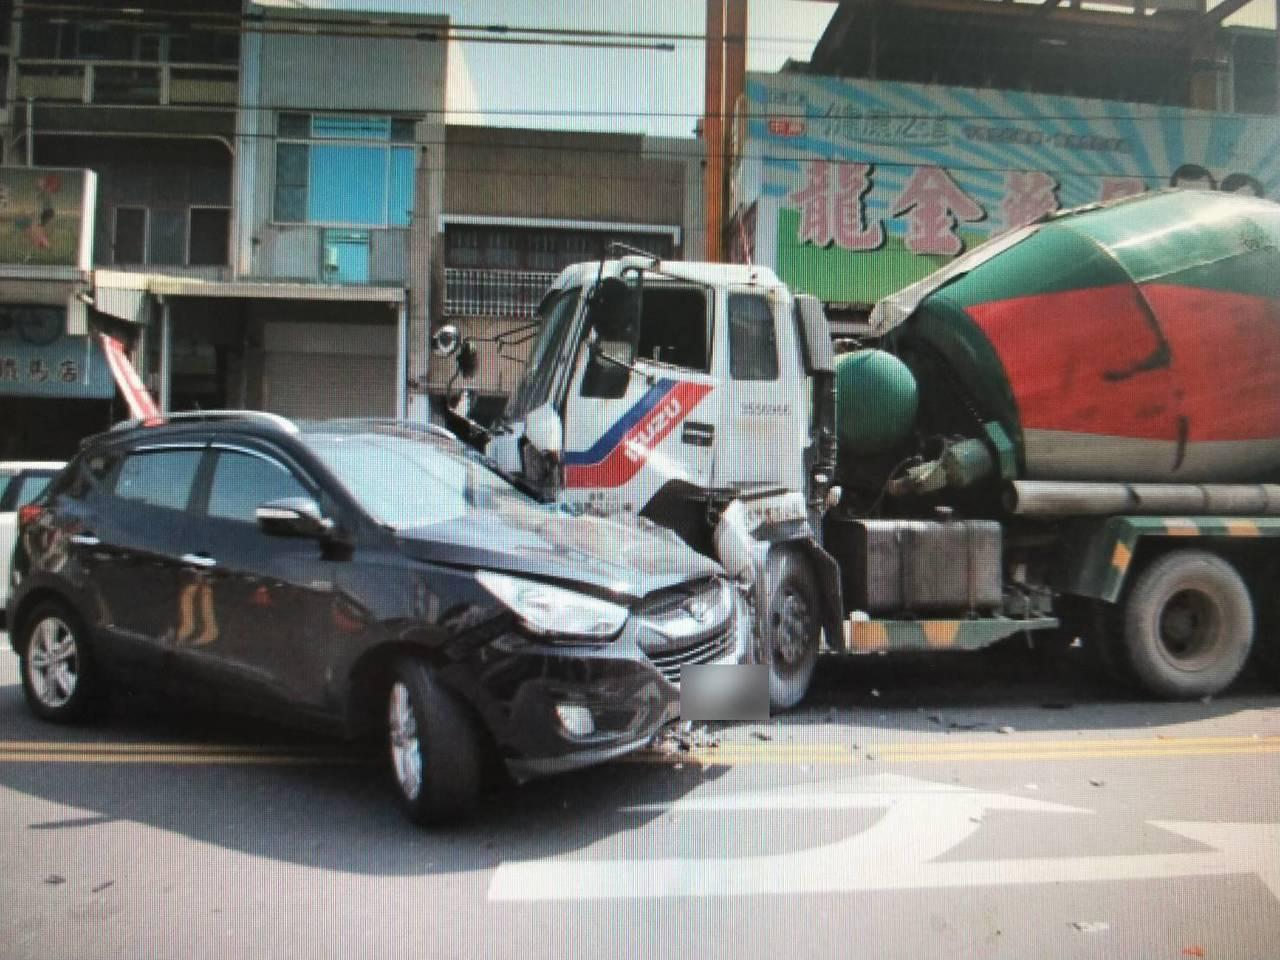 一般老百姓對於車禍的處理,常常不知所措。記者黃宣翰/翻攝